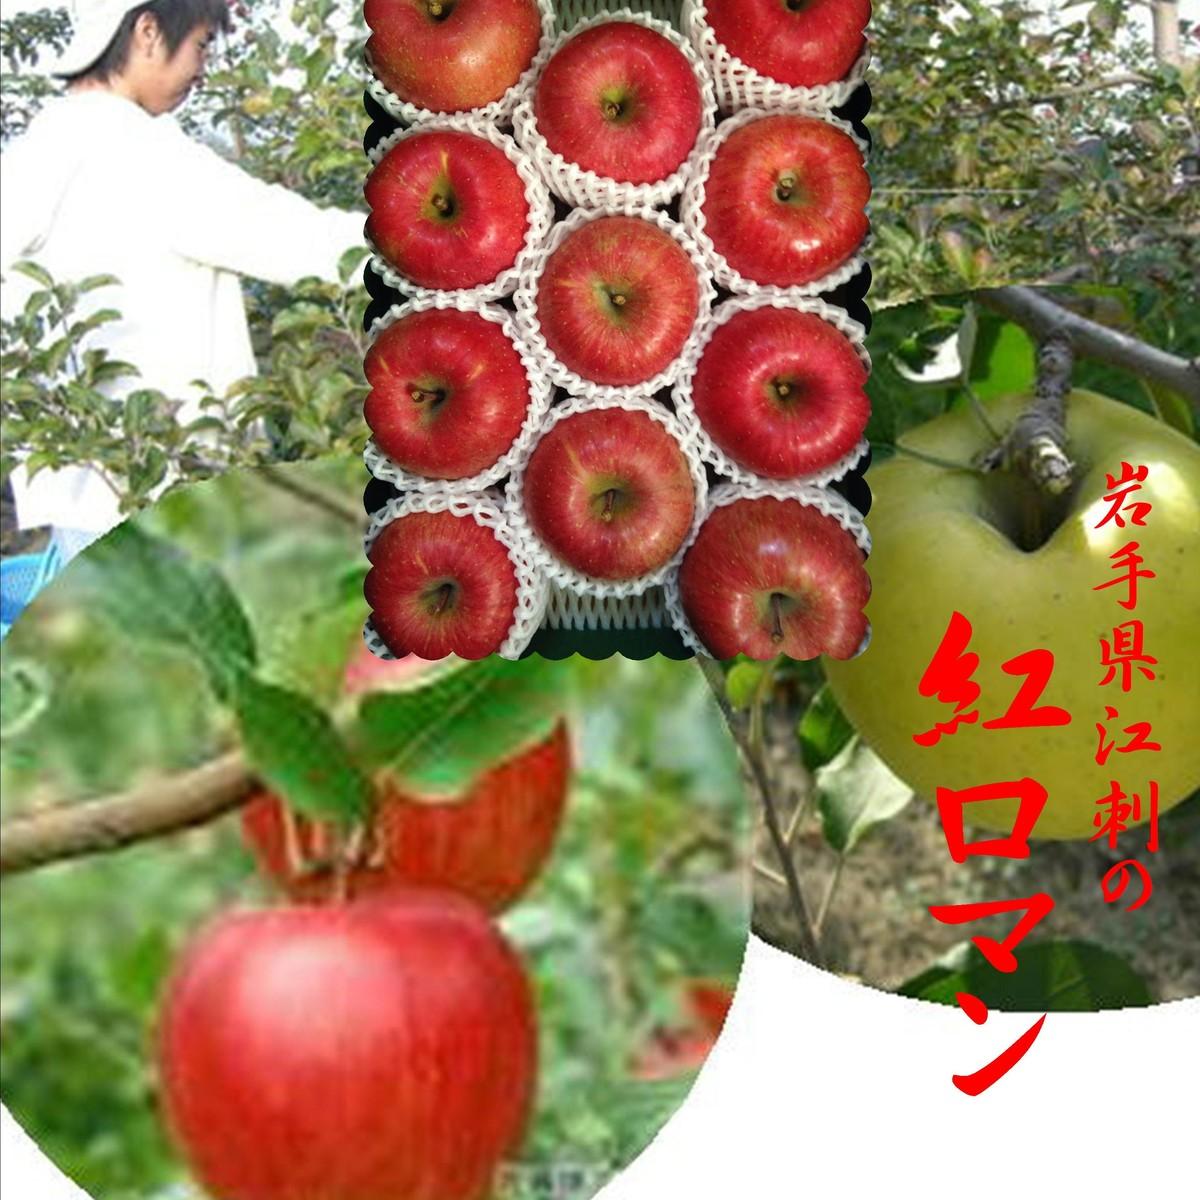 高品質りんごとして名高い岩手県江刺のりんご より完熟の味わいを引き出した栽培法 紅シリーズ 江刺の紅ロマン 1箱2.5kg 8~10玉 購買 時間指定不可 進物用